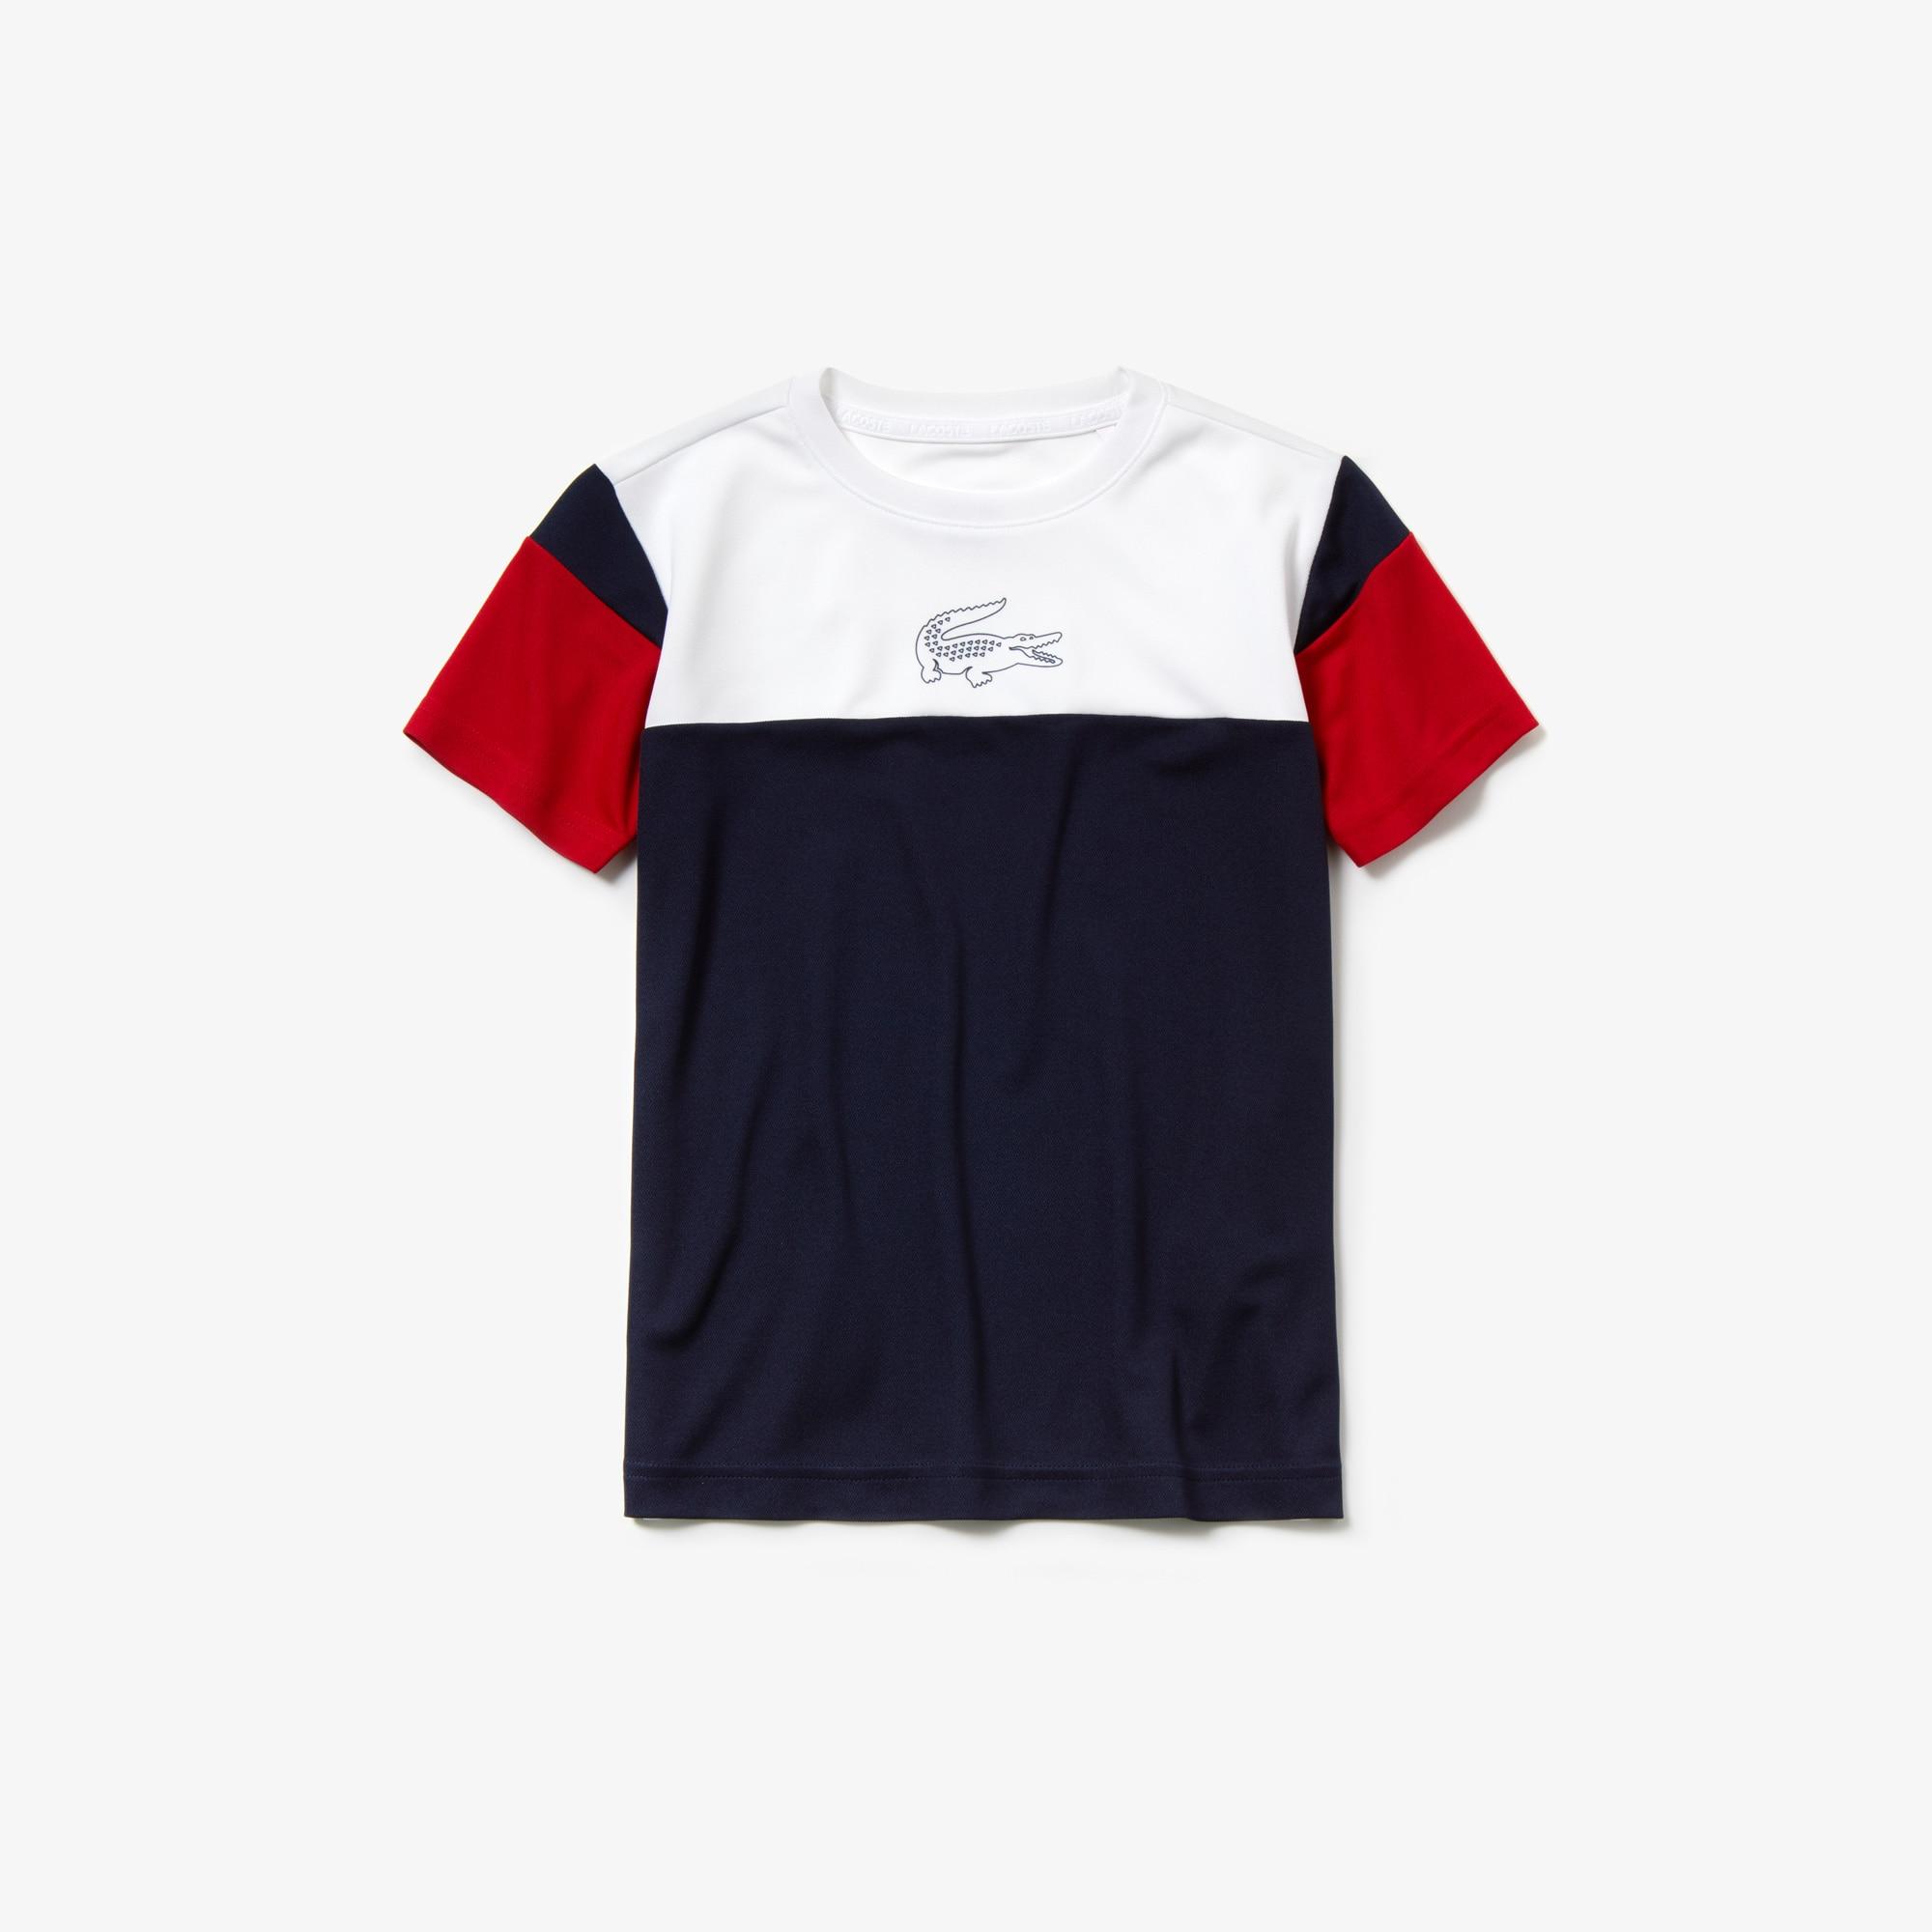 라코스테 Lacoste Boys SPORT Crew Neck Tennis T-shirt,White / Navy Blue / Red • A10